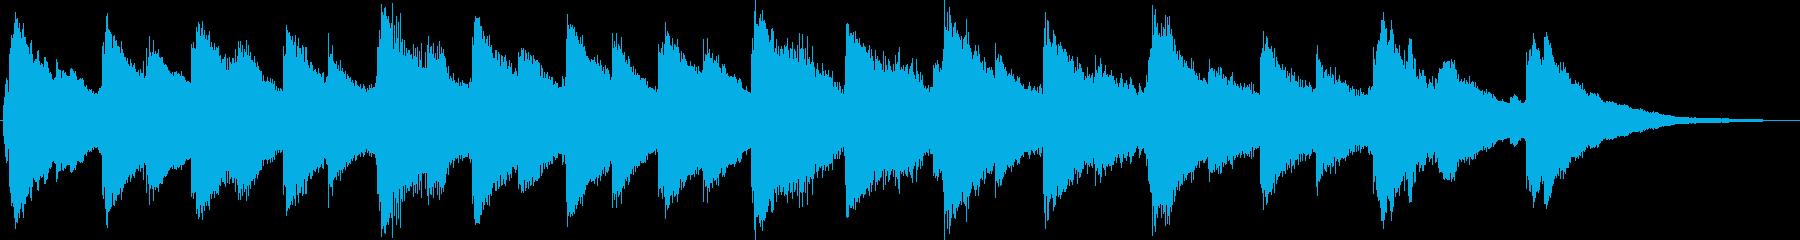 クリスマスをイメージしたオルゴール曲の再生済みの波形